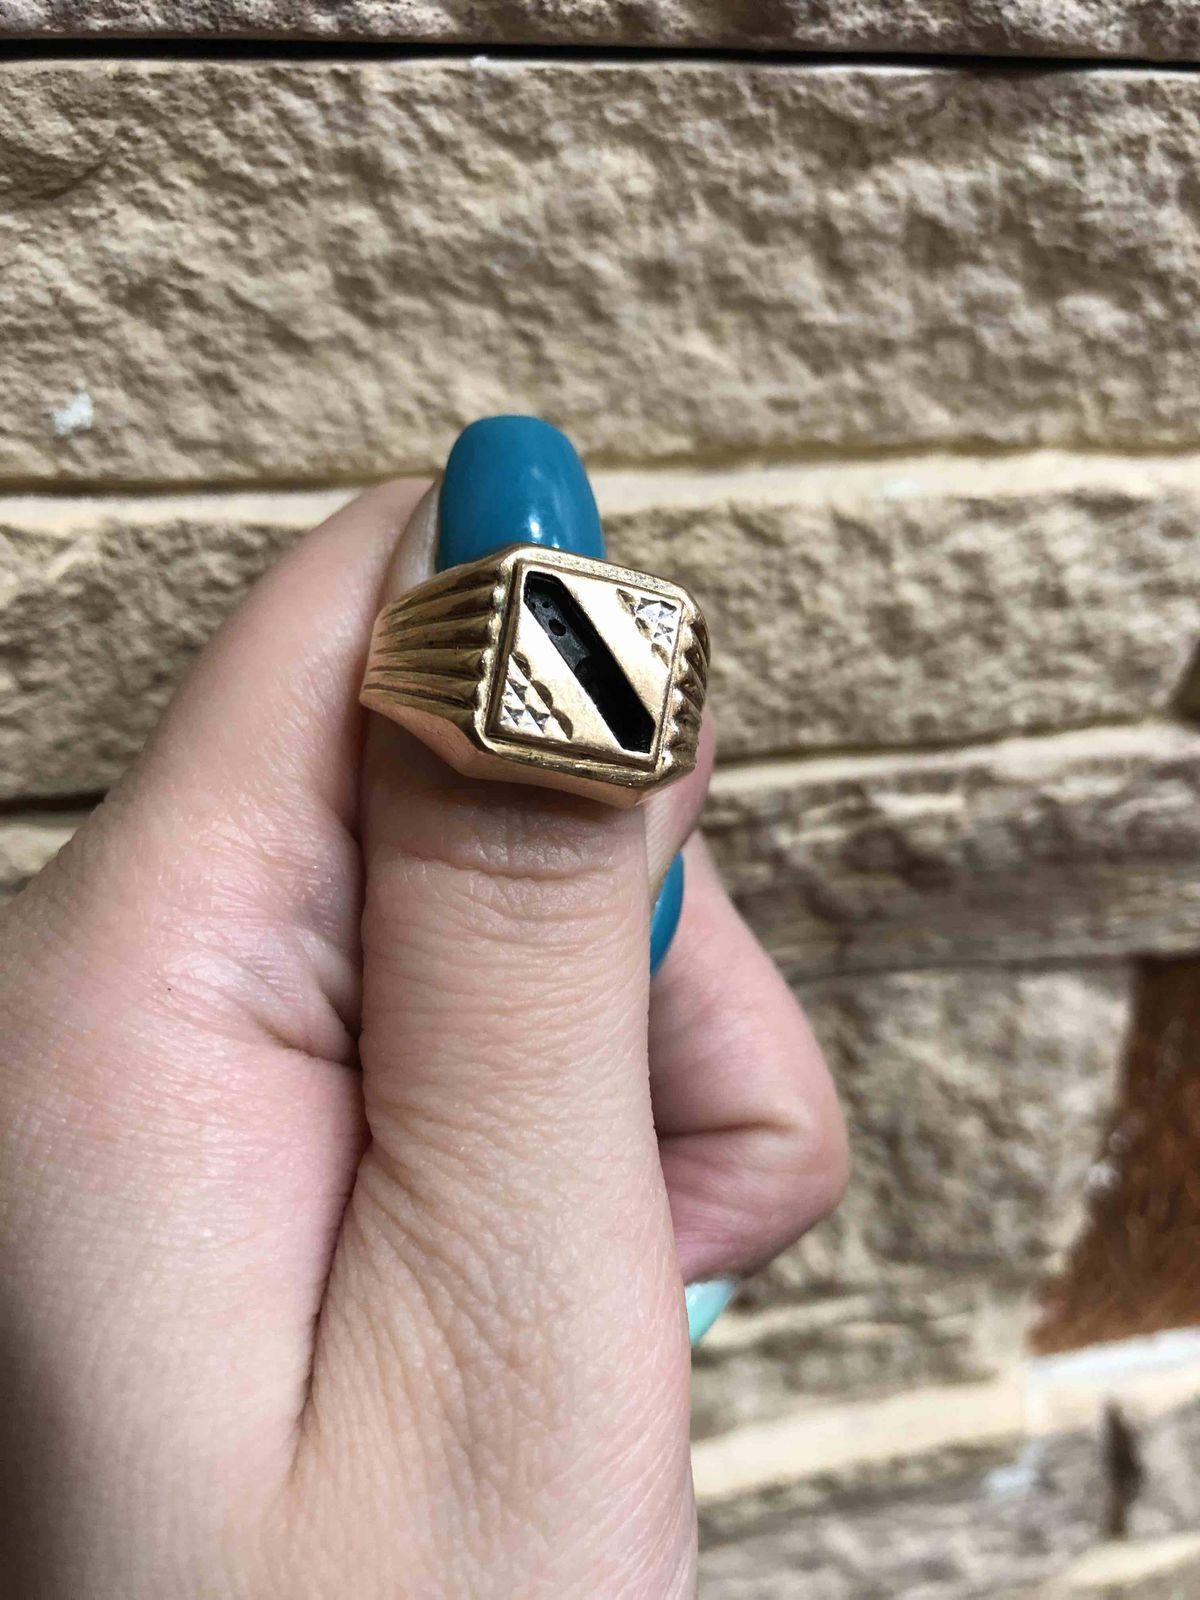 Кольцо купила в подарок